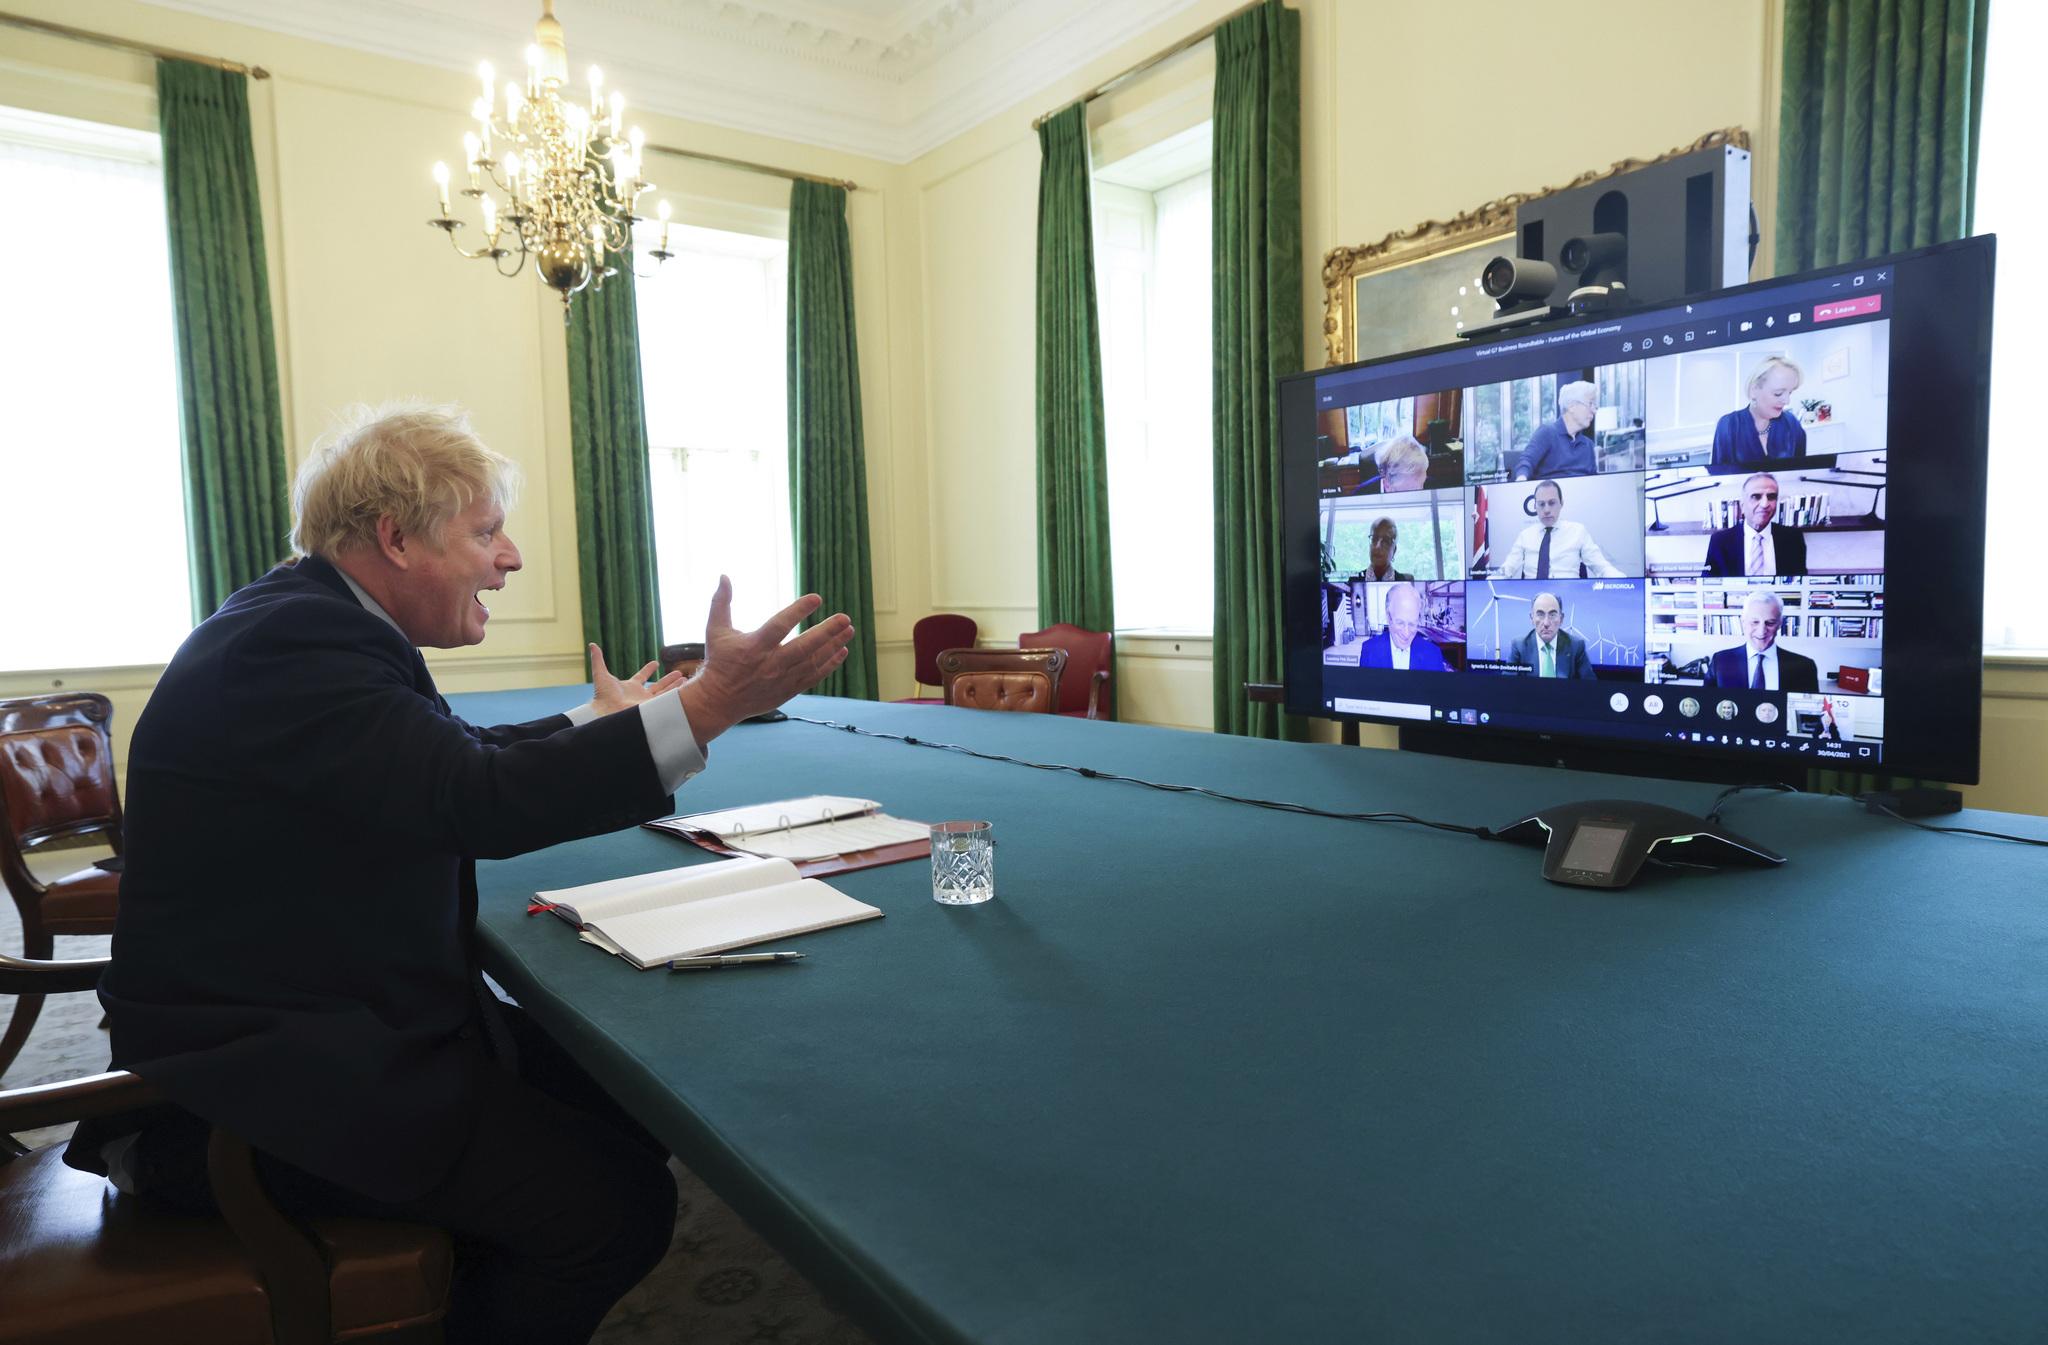 El primer ministro británico, Boris Johnson, en la reunión telemática del pasado viernes con una decena de dirigentes empresariales. En el centro, abajo, el presidente de Iberdrola, Ignacio Sánchez Galán